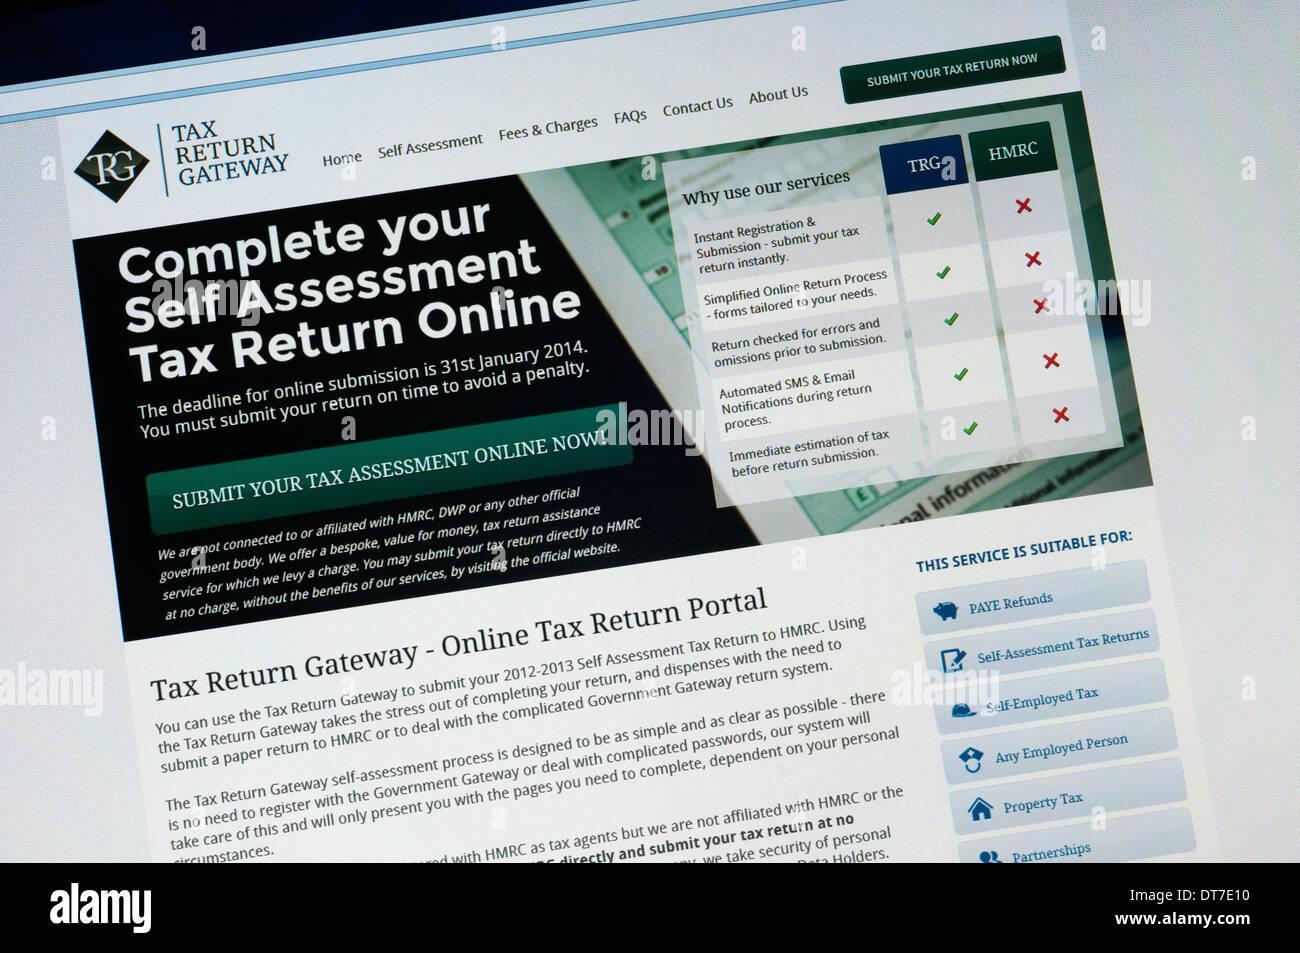 Home page di ritorno fiscale Gateway web site - non un governo ufficiale sito. Foto Stock